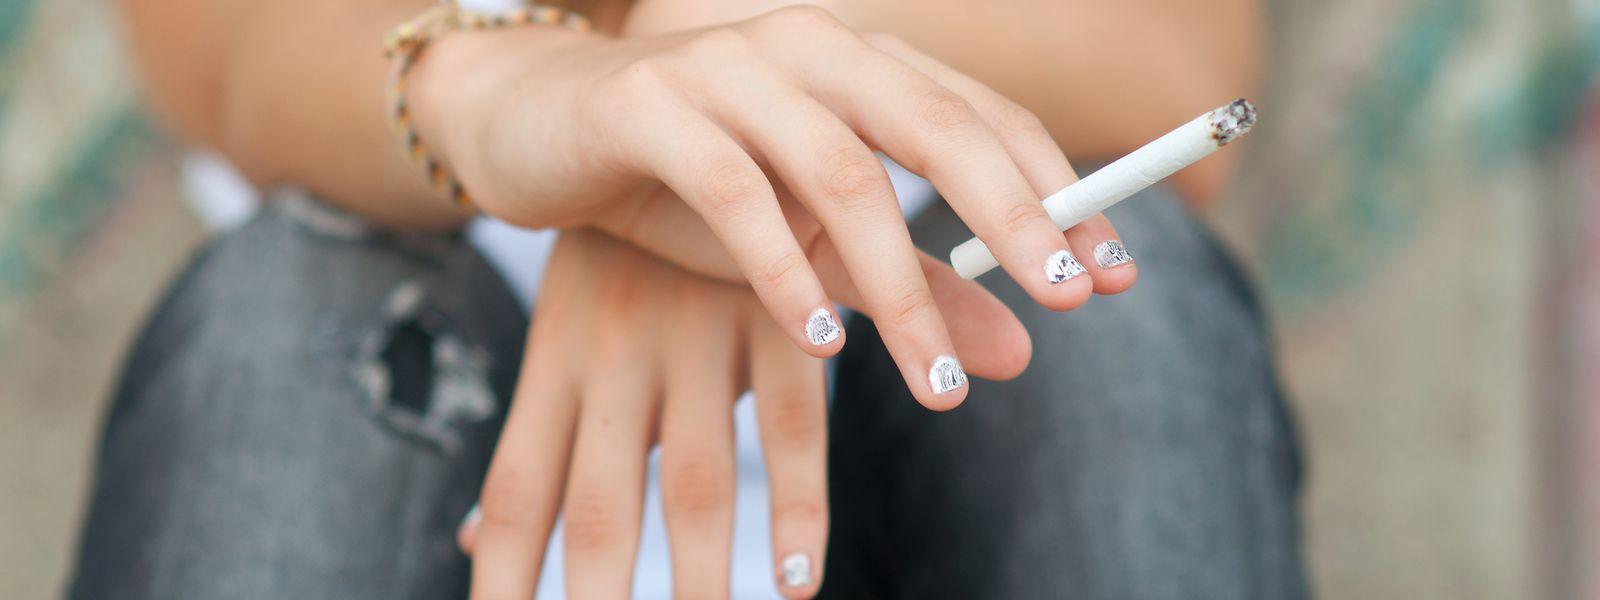 C'est l'augmentation spectaculaire des jeunes fumeurs âgés de 16 à 24 ans qui inquiète le plus la Fondation cancer